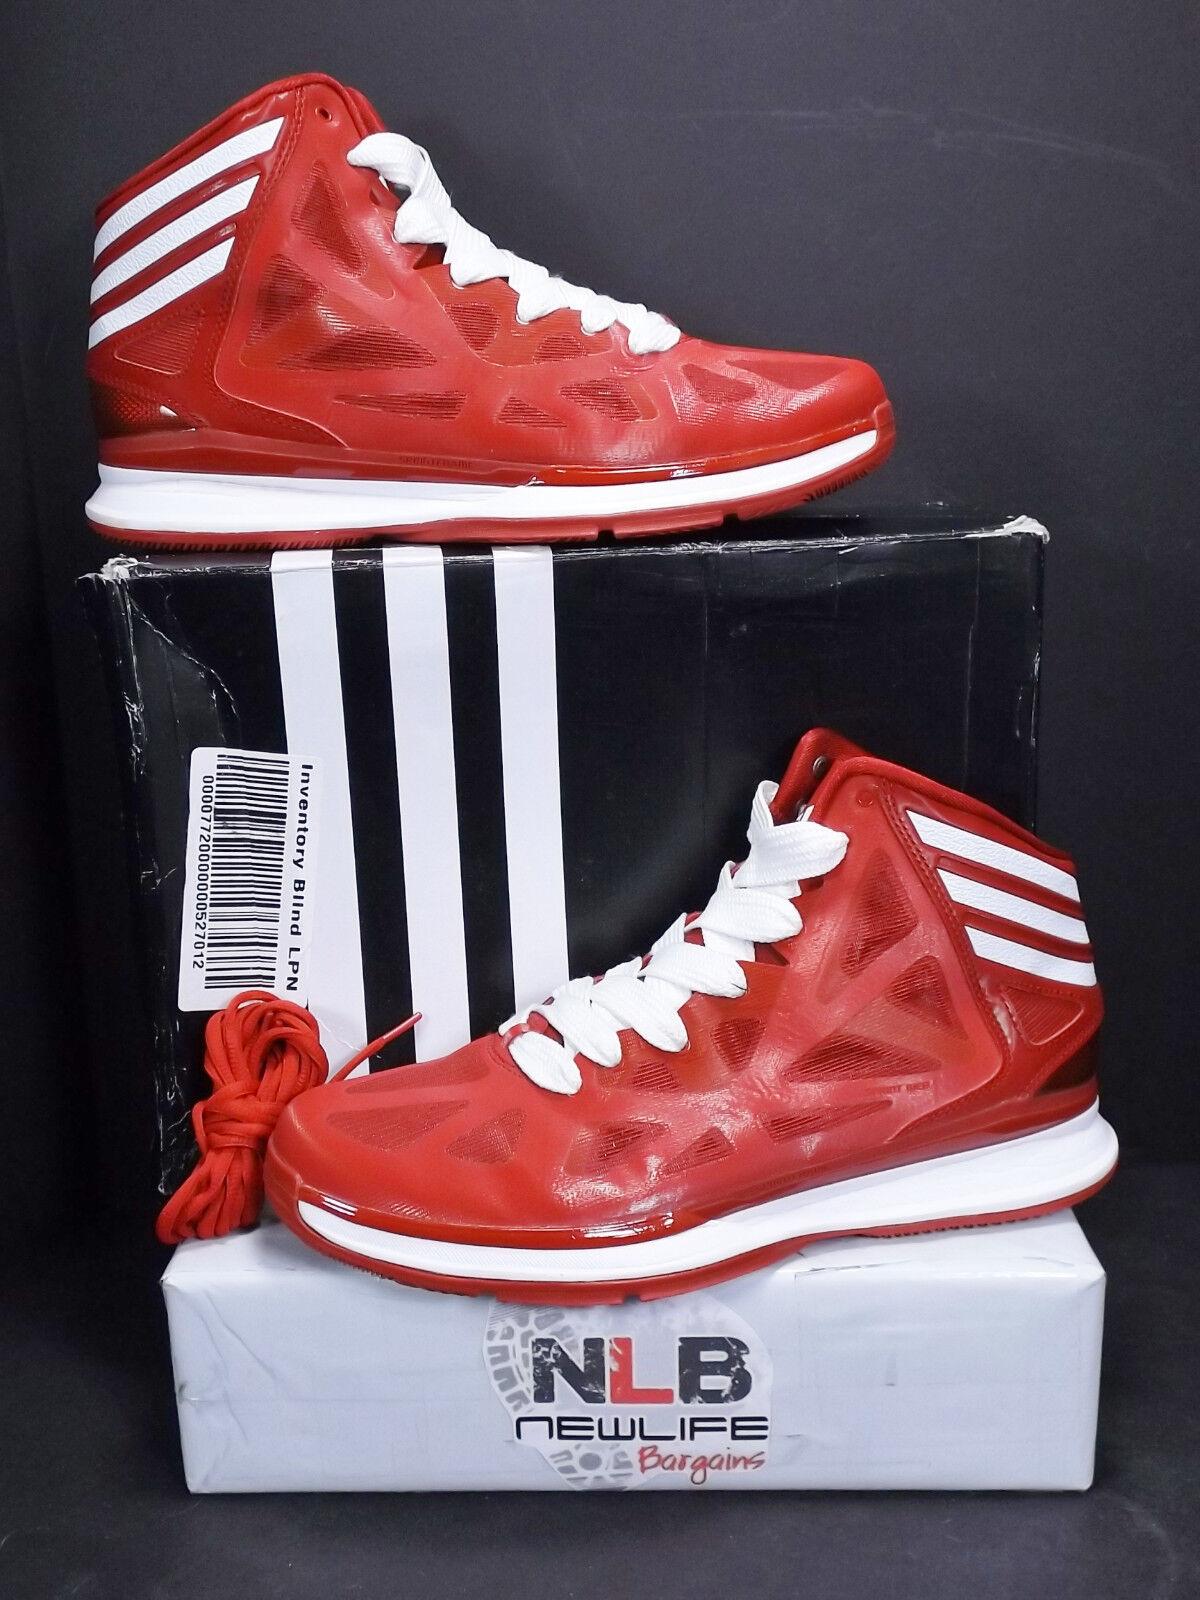 Adidas pazzo ombra 2 scarpe da numero basket g67423 red uomo numero da 12 extra-laces a30b26